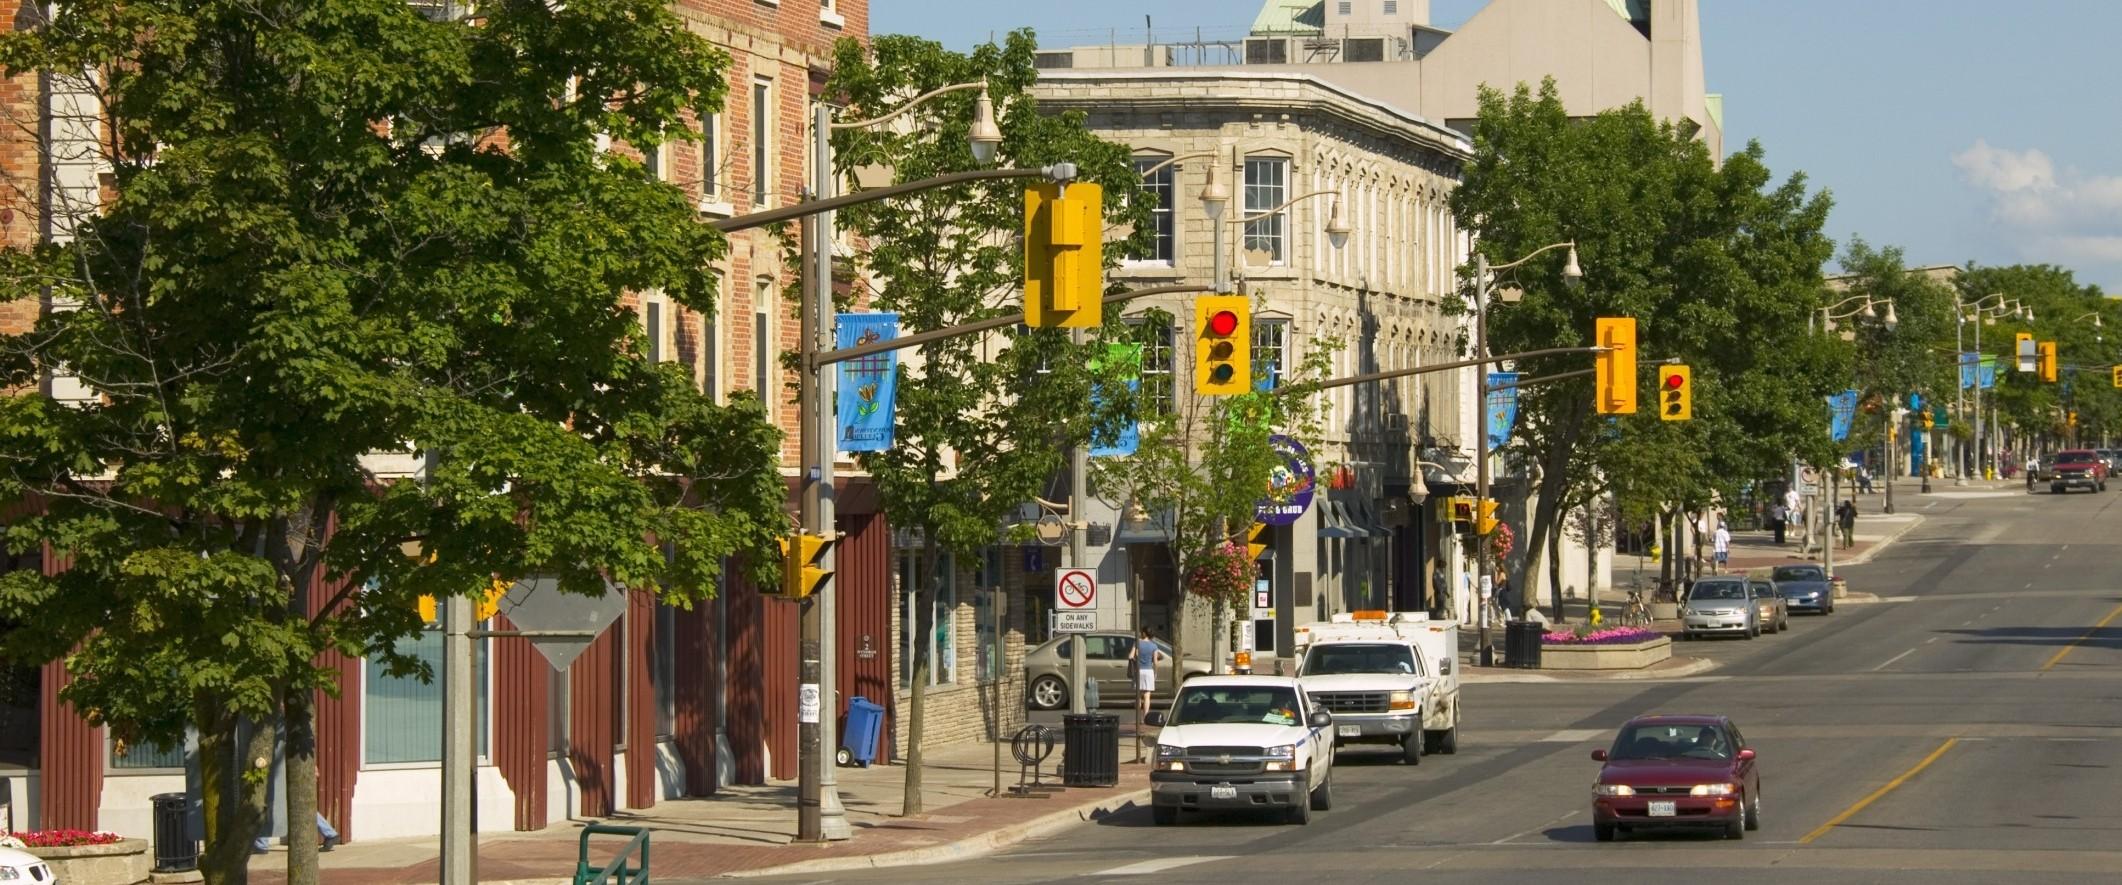 original  As 10 melhores cidades para se encontrar emprego no Canadá original